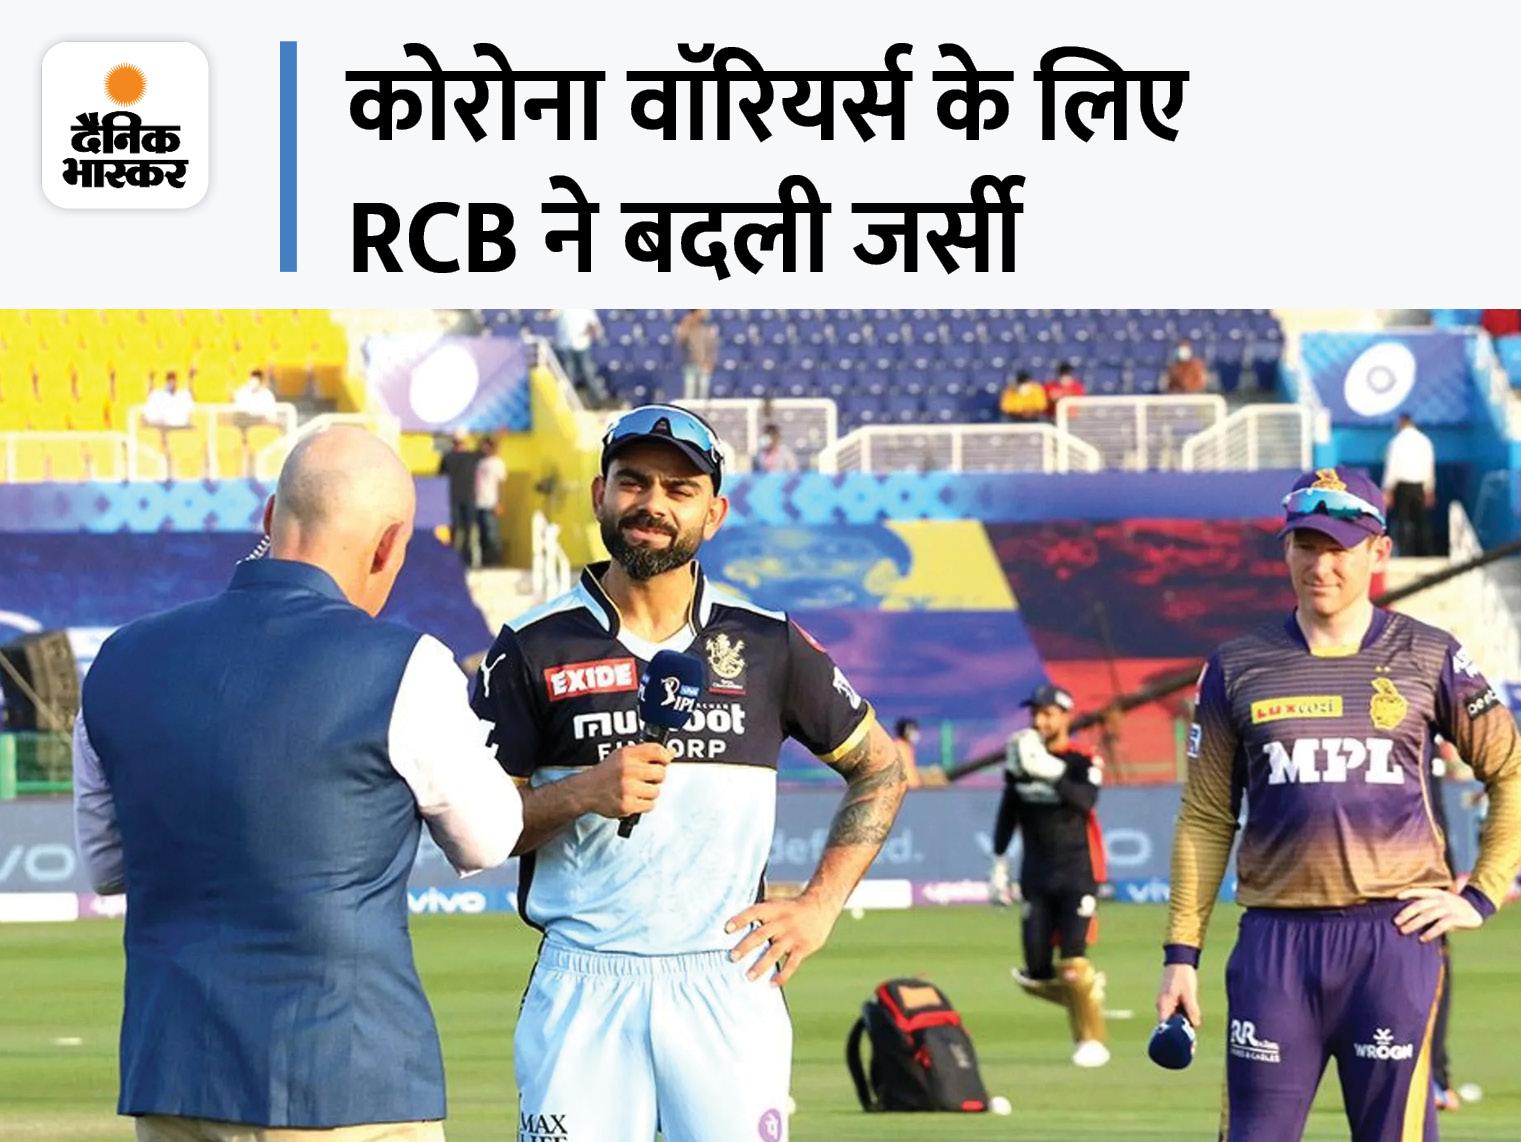 PPE किट के रंग की जर्सी पहनकर मैदान में उतरे खिलाड़ी, कोरोना वॉरियर्स के लिए रिलीज किया खास वीडियो|IPL 2021,IPL 2021 - Dainik Bhaskar